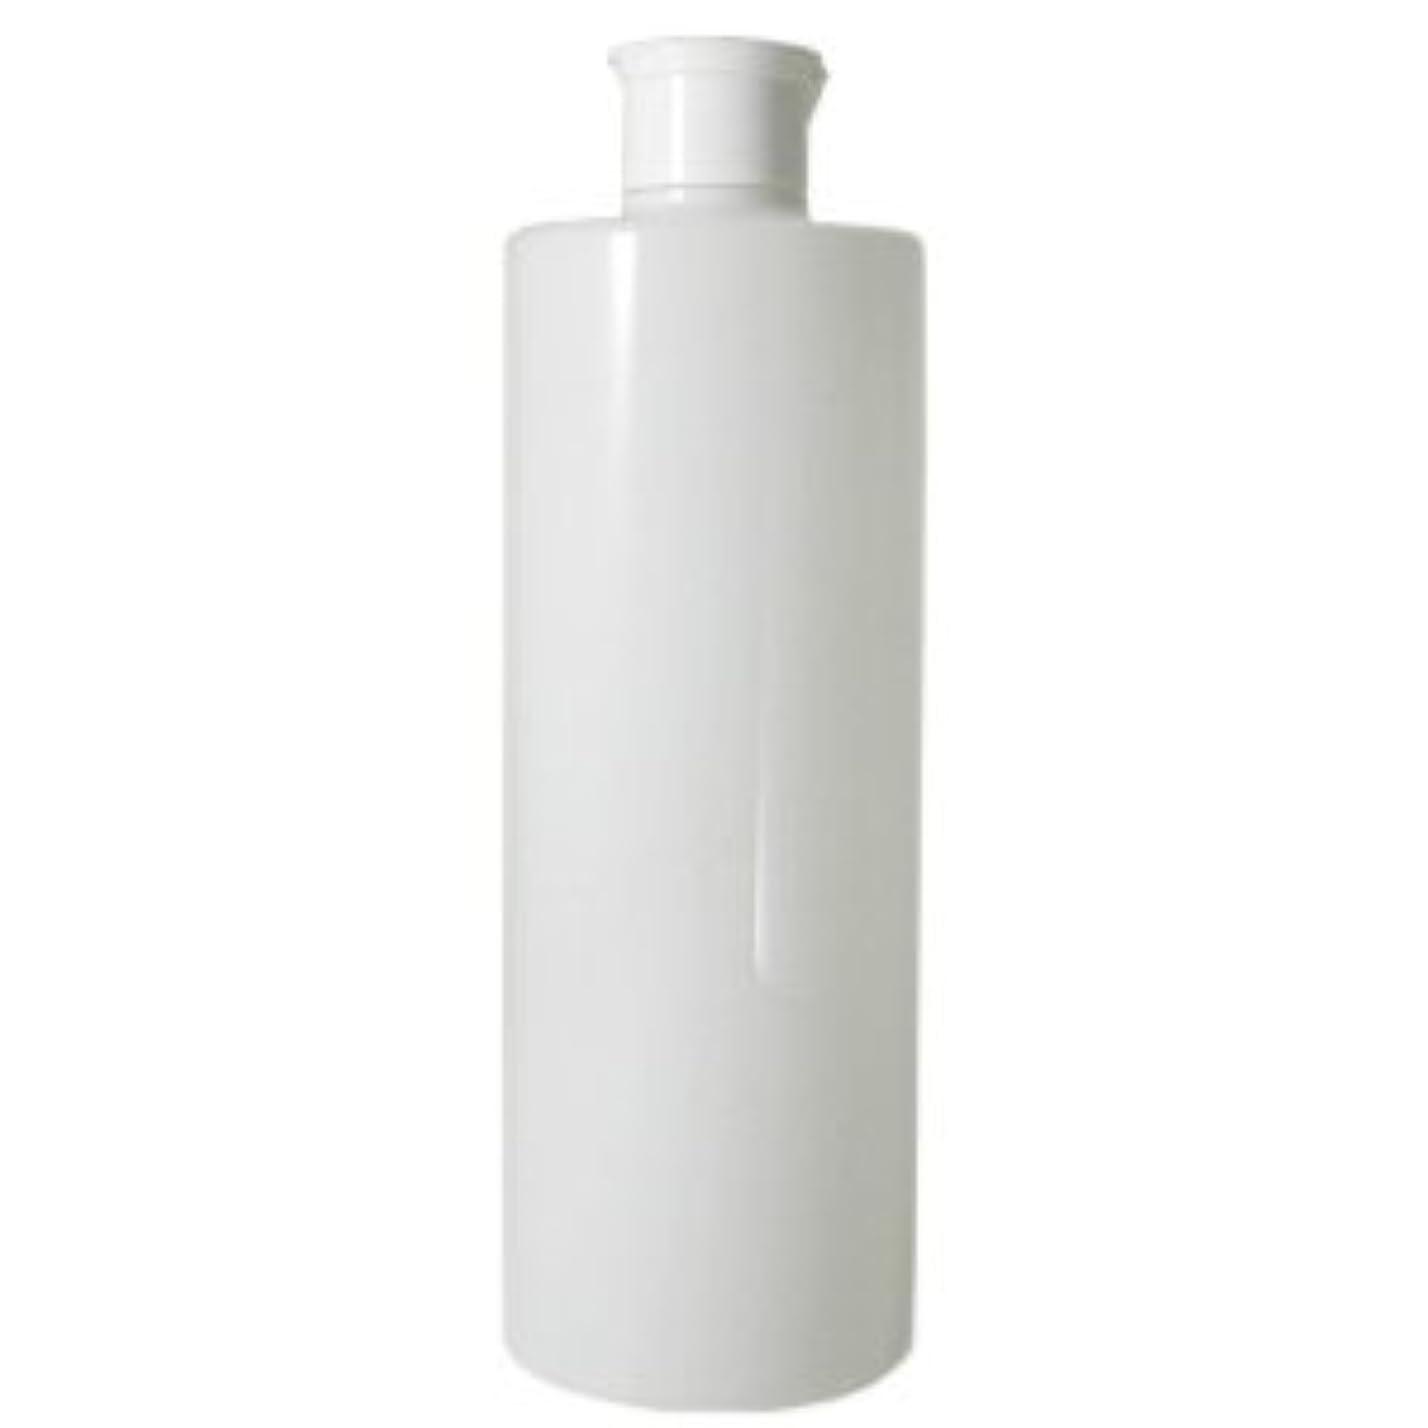 突破口郵便屋さんすり減るワンタッチキャップ 乳白半透明容器 500ml